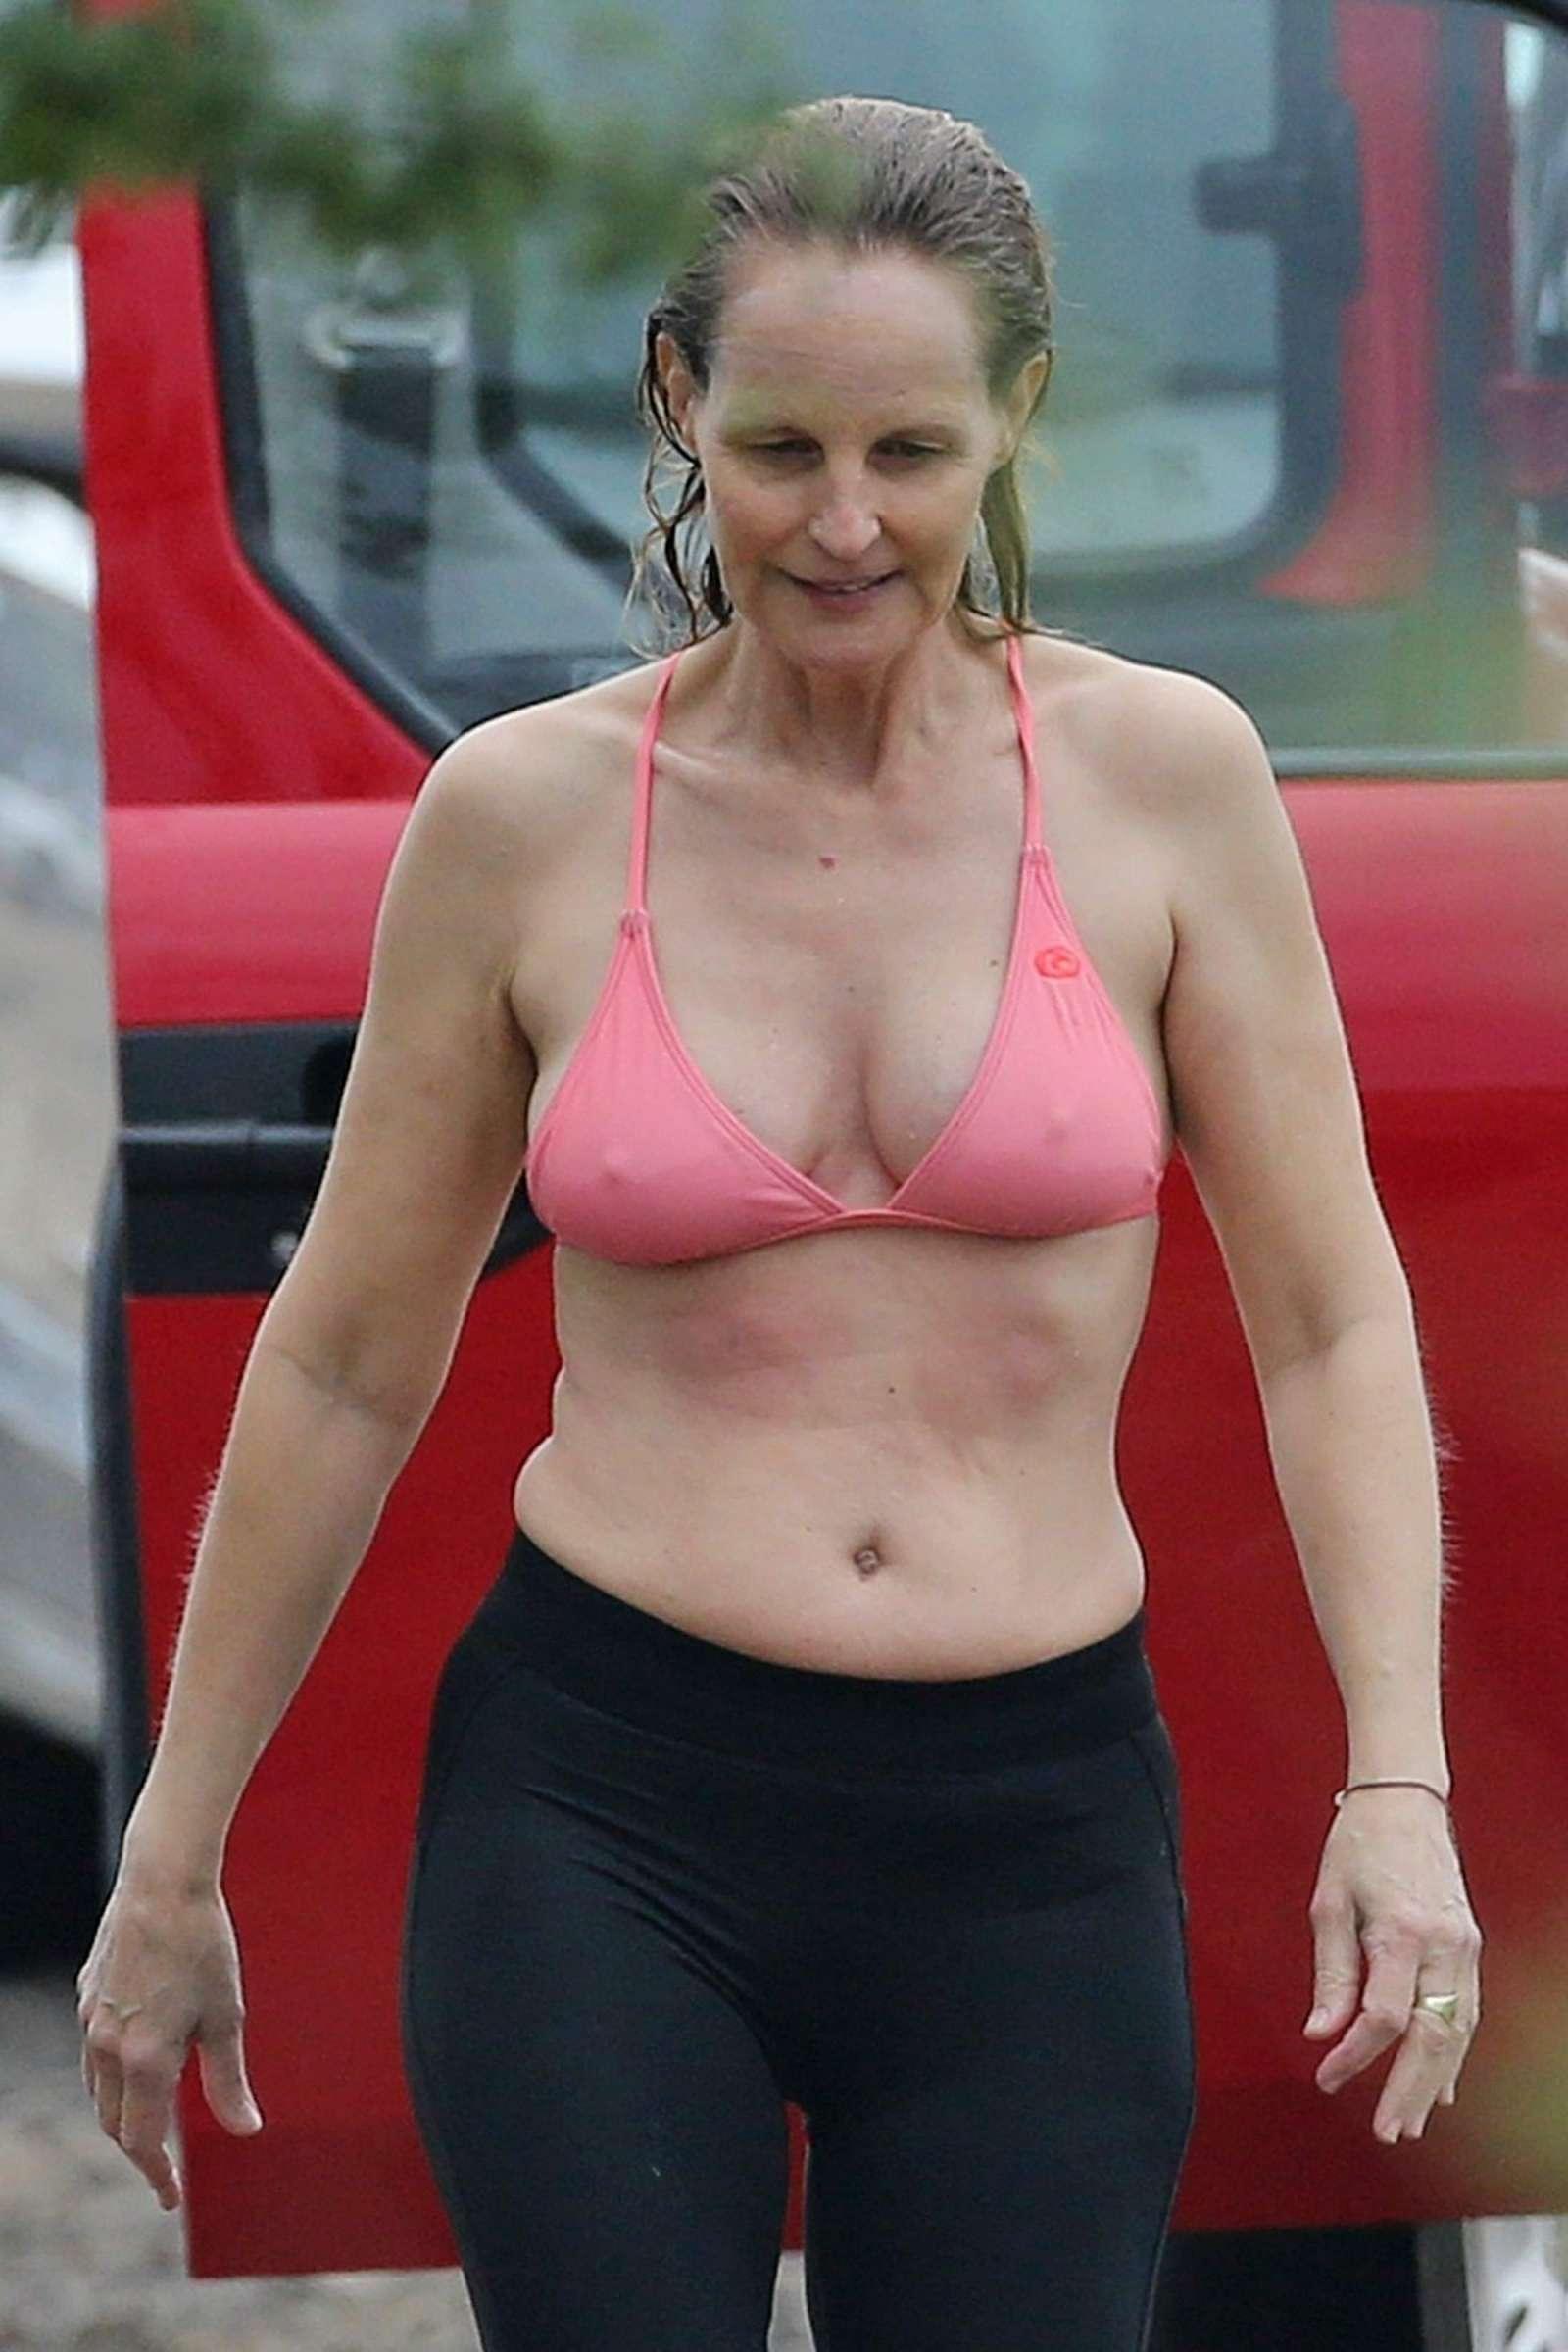 Helen Hunt in Bikini Top on the beach in Hawaii